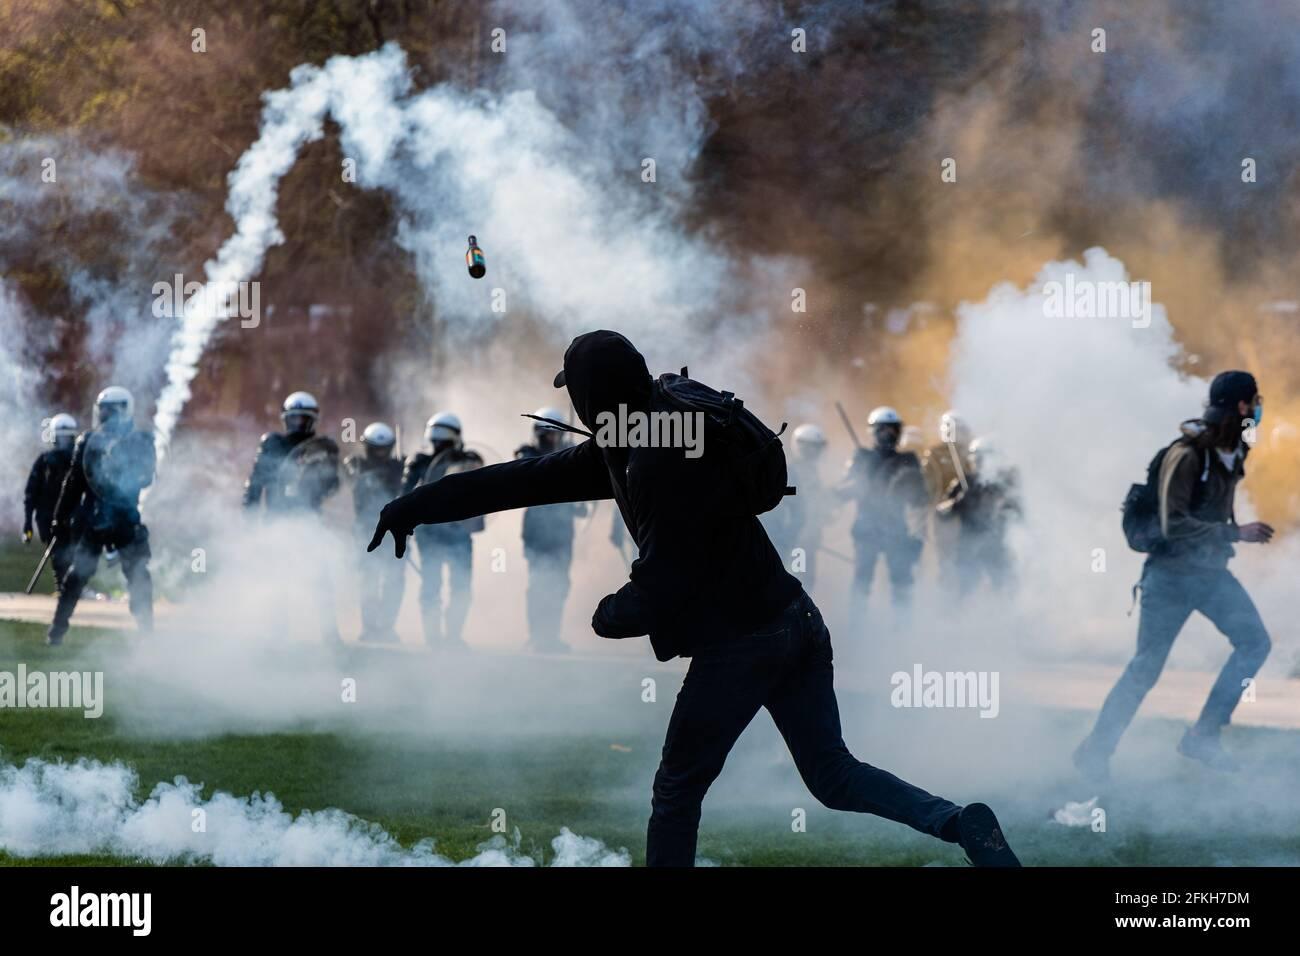 Brüssel, Belgien. Mai 2021. Protest gegen sanitäre Maßnahmen und wilde Partei am 1. Mai mit dem Namen ''La Boum 2'' Einen Monat nach ''La Boum 1''' in Brüssel wurde soziale Distanzierung selten respektiert und auch das Tragen von Masken, viel Spannung und Gewalt zwischen Polizei und Demonstranten. (Bild: © Arnaud Brian via Wire) Stockfoto